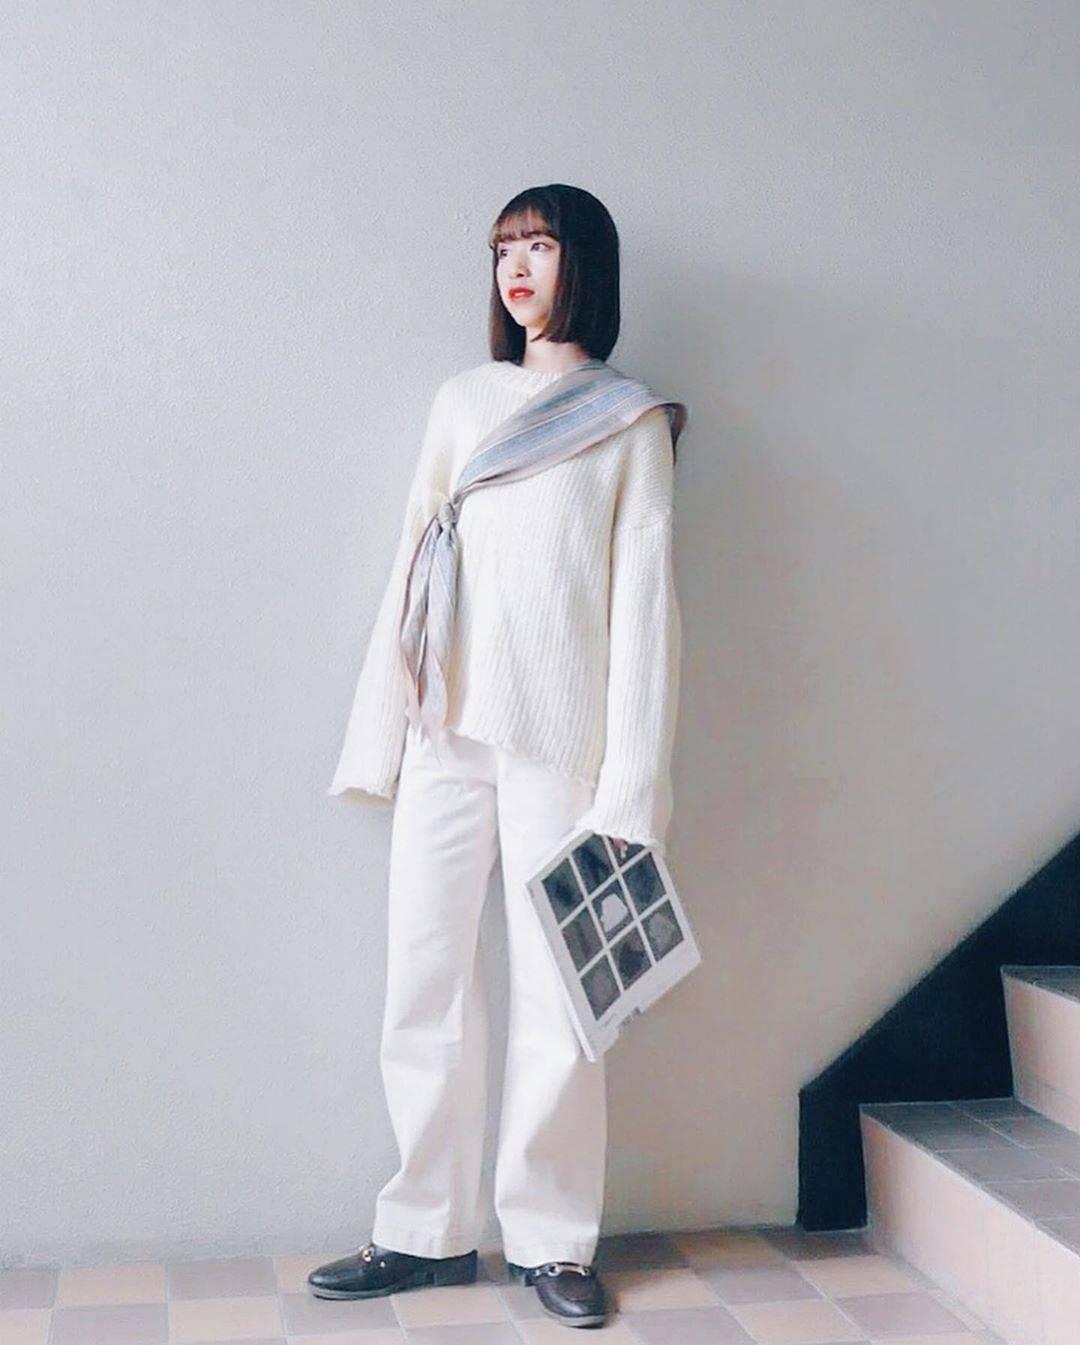 最高気温10度・最低気温6度 natsu_outfitsの服装